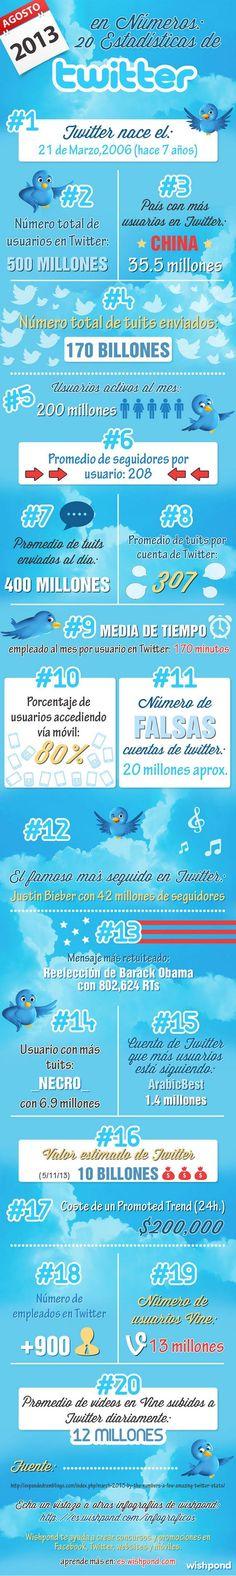 Twitter en 20 estadísticas actualizadas  (agosto 2013)